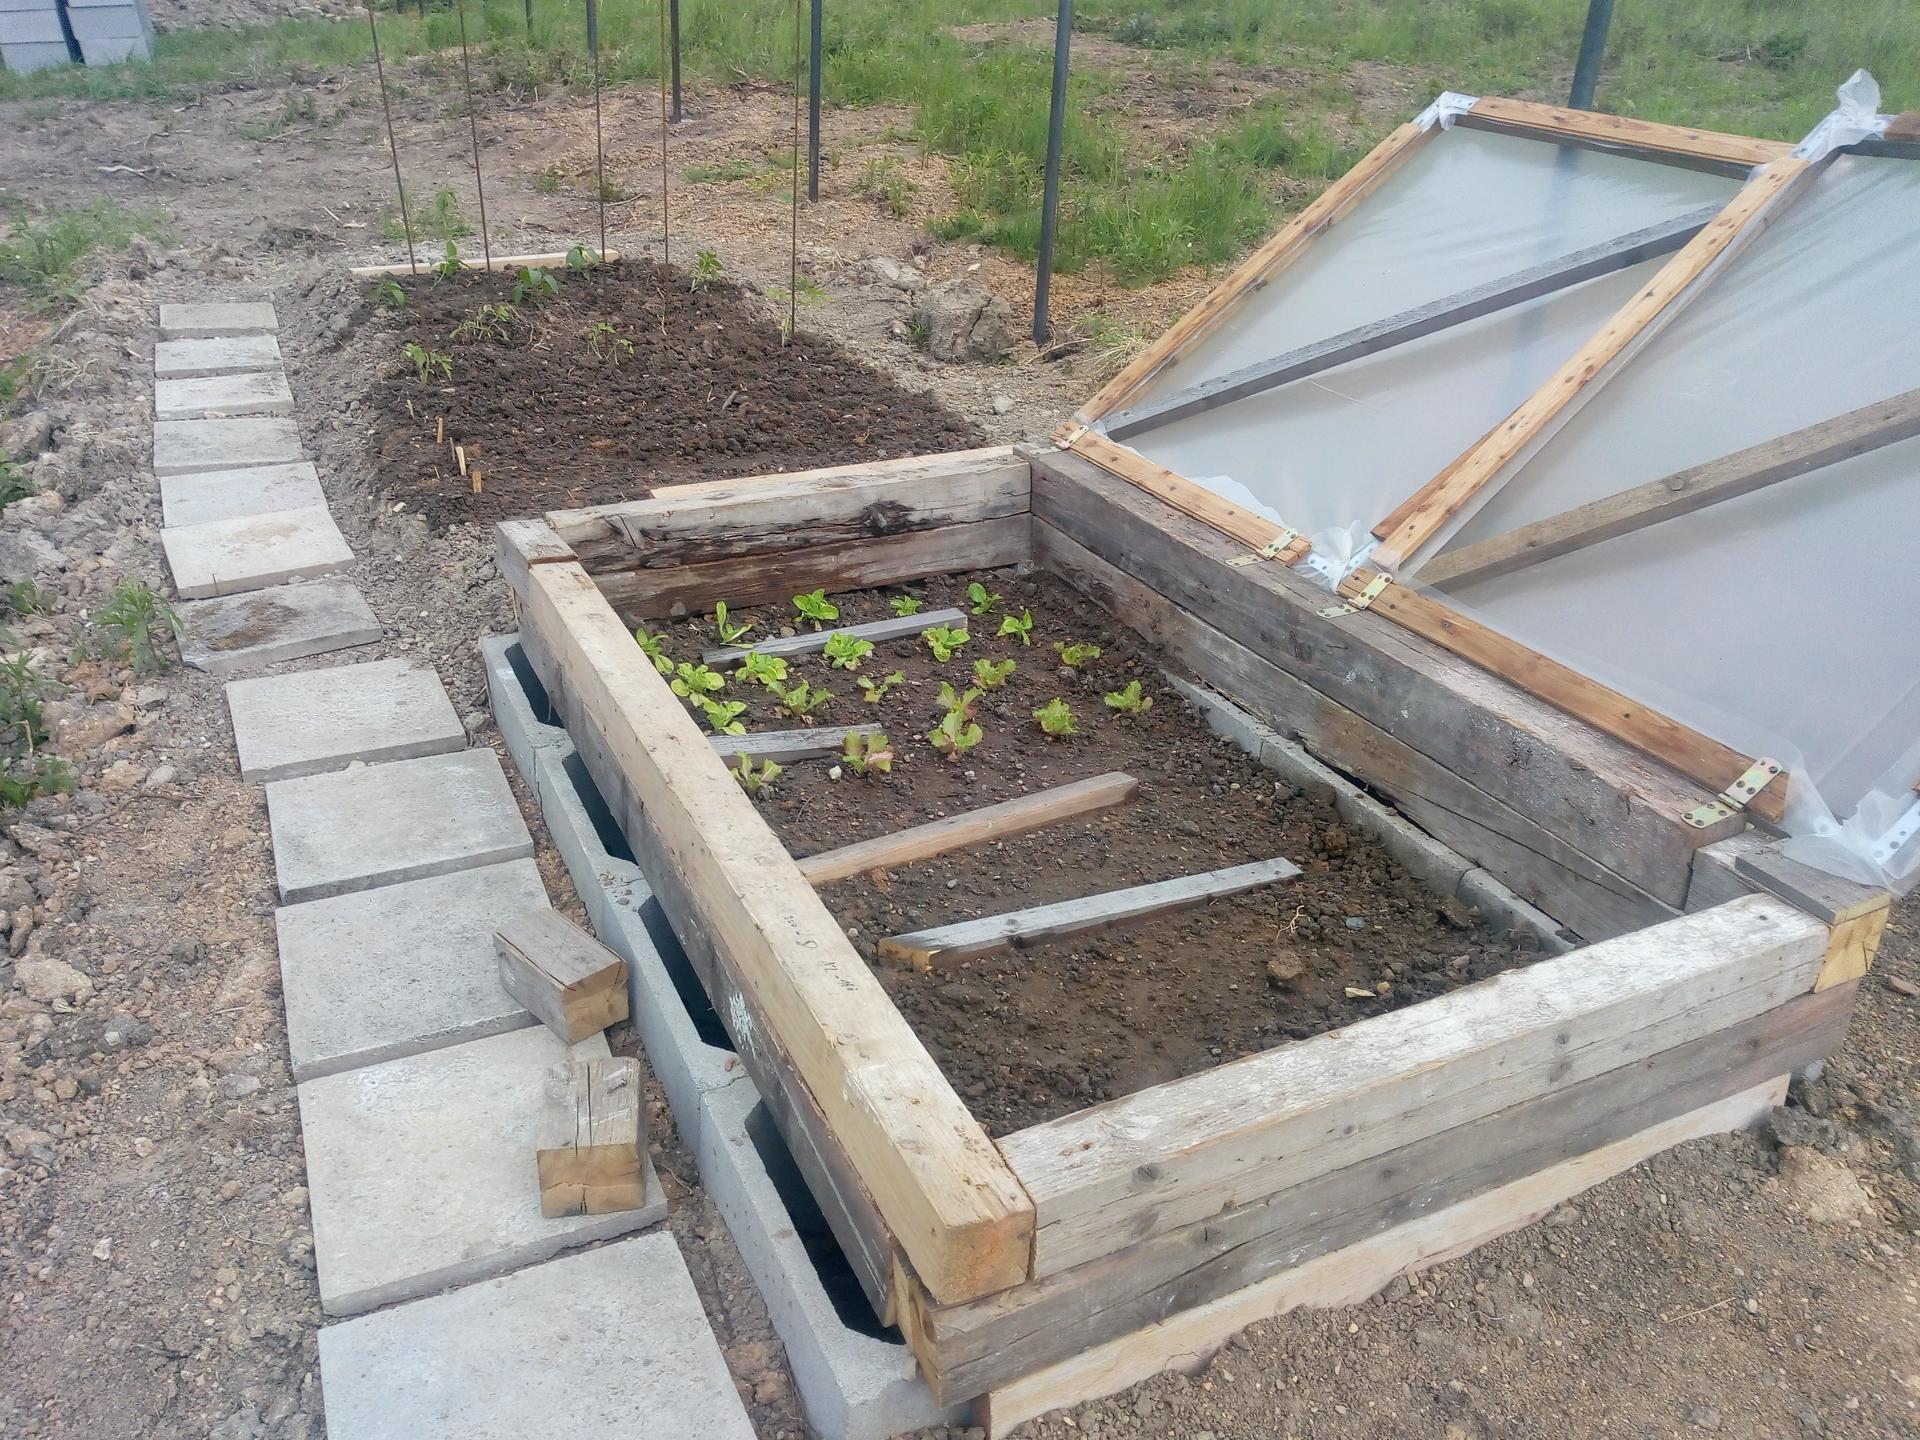 Příprava pozemku, bednění, základy, opěrka, bouda, plot - Obrázek č. 34